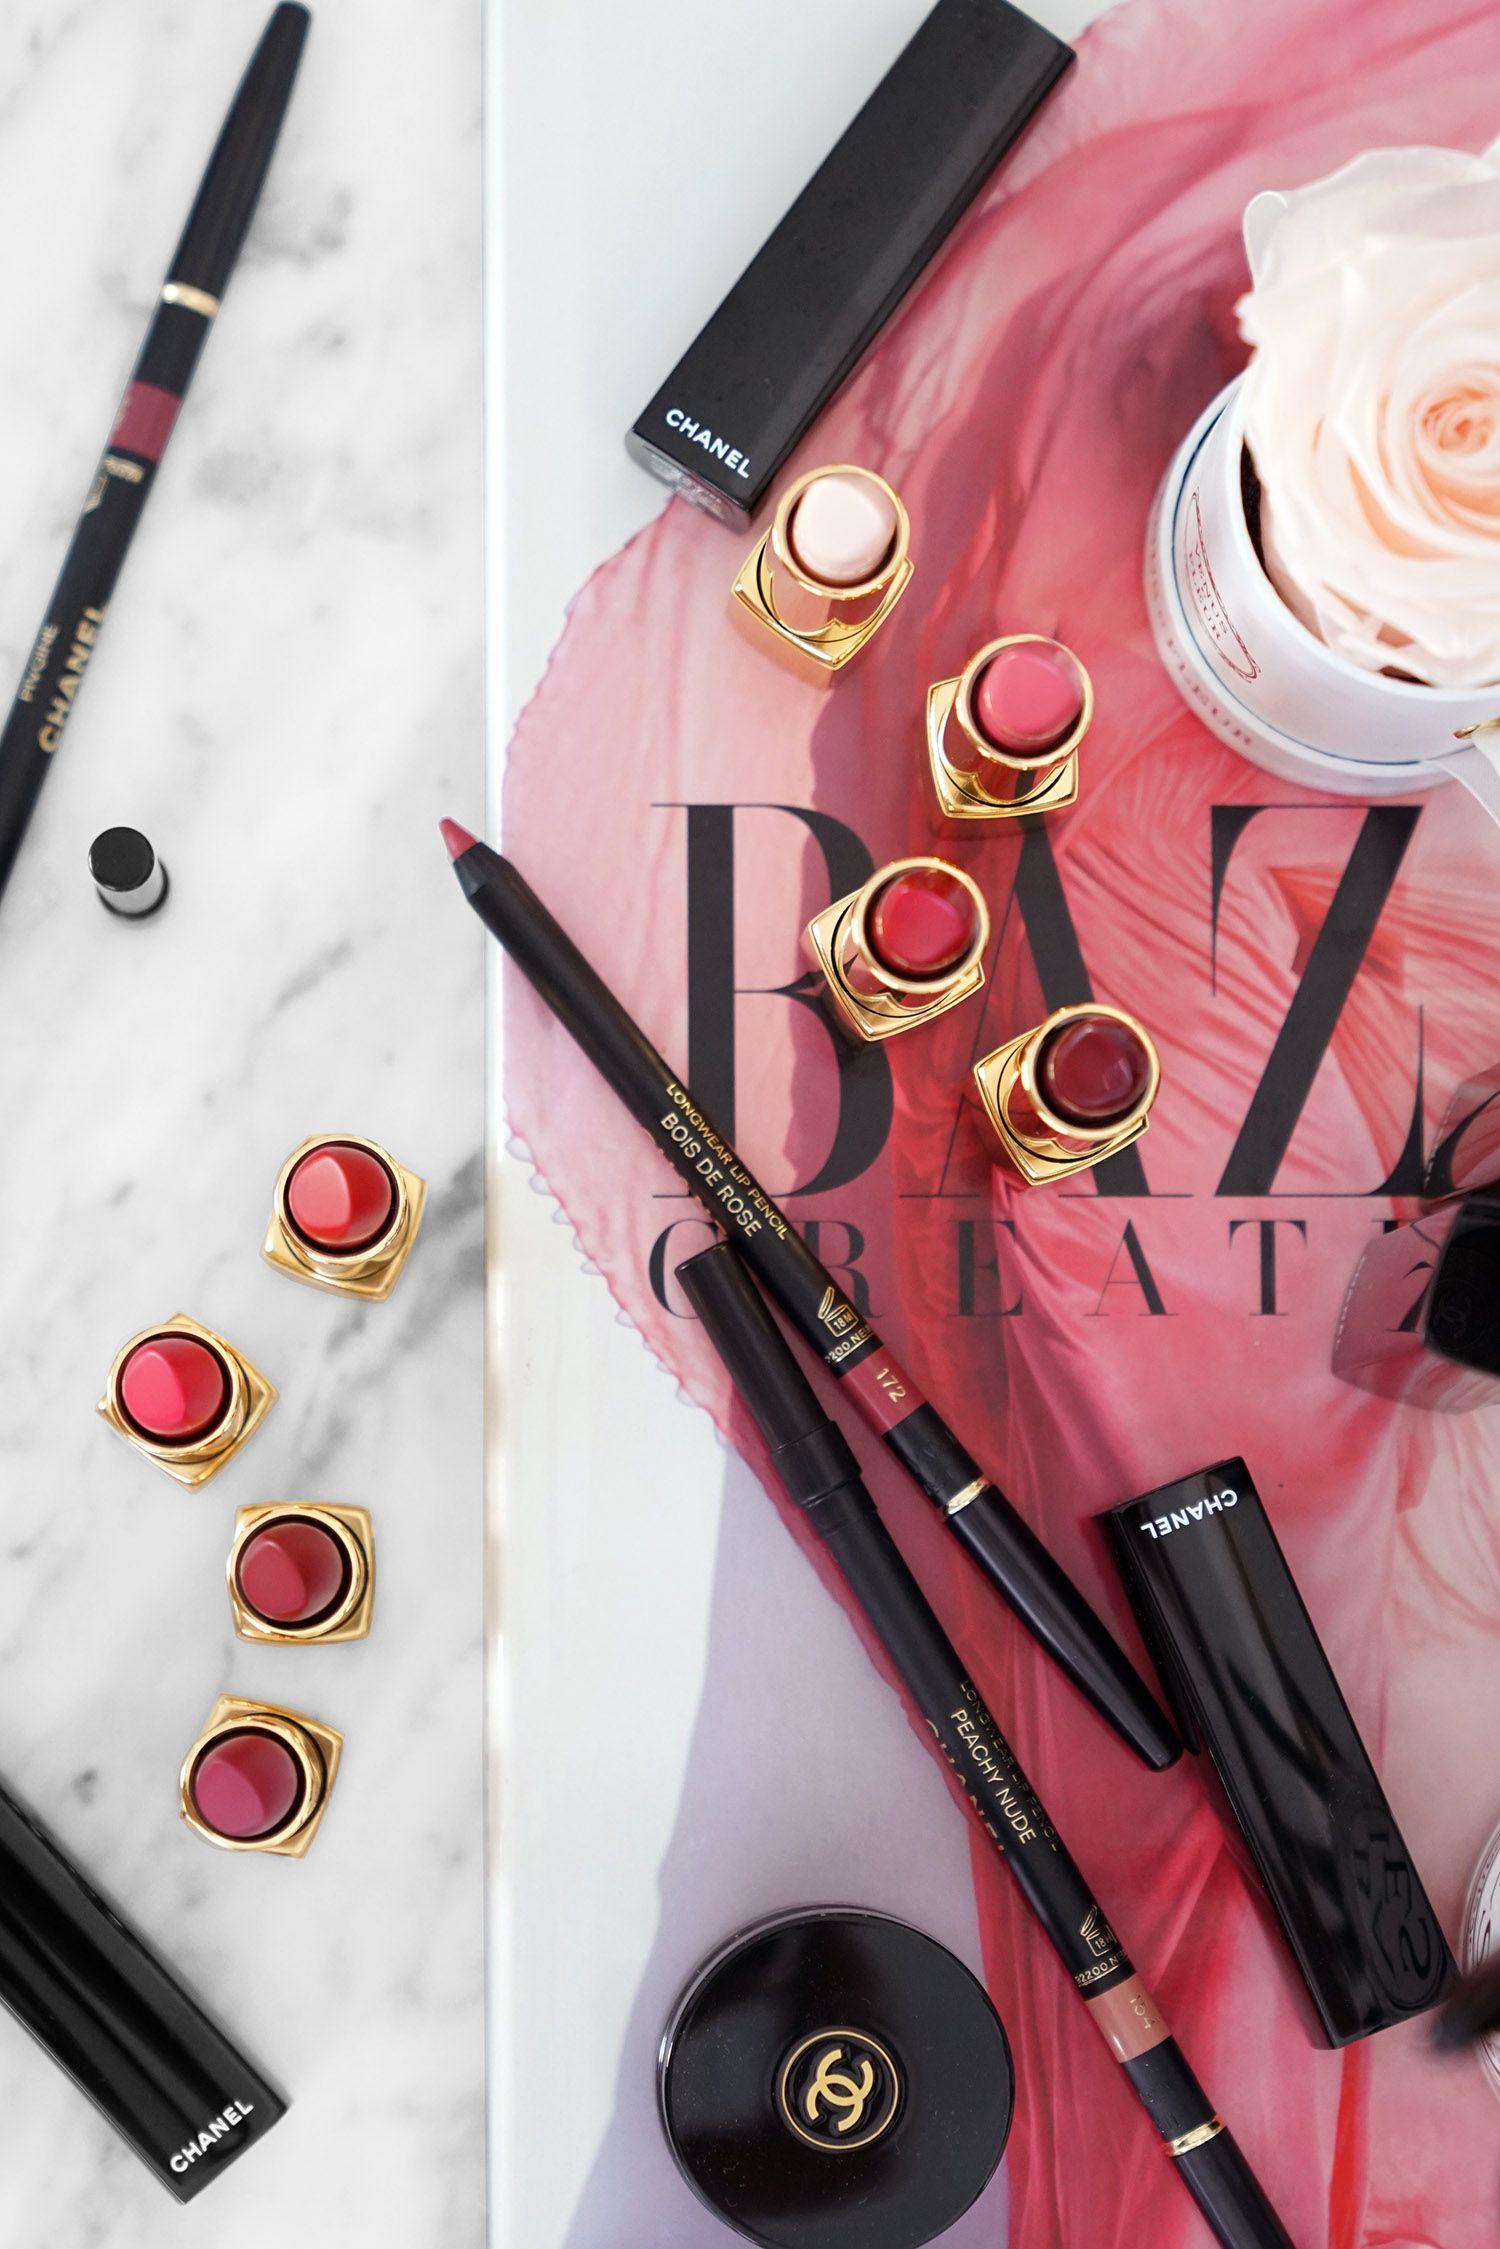 Chanel Rouge Allure Camelia + New Longwear Lip Pencils in